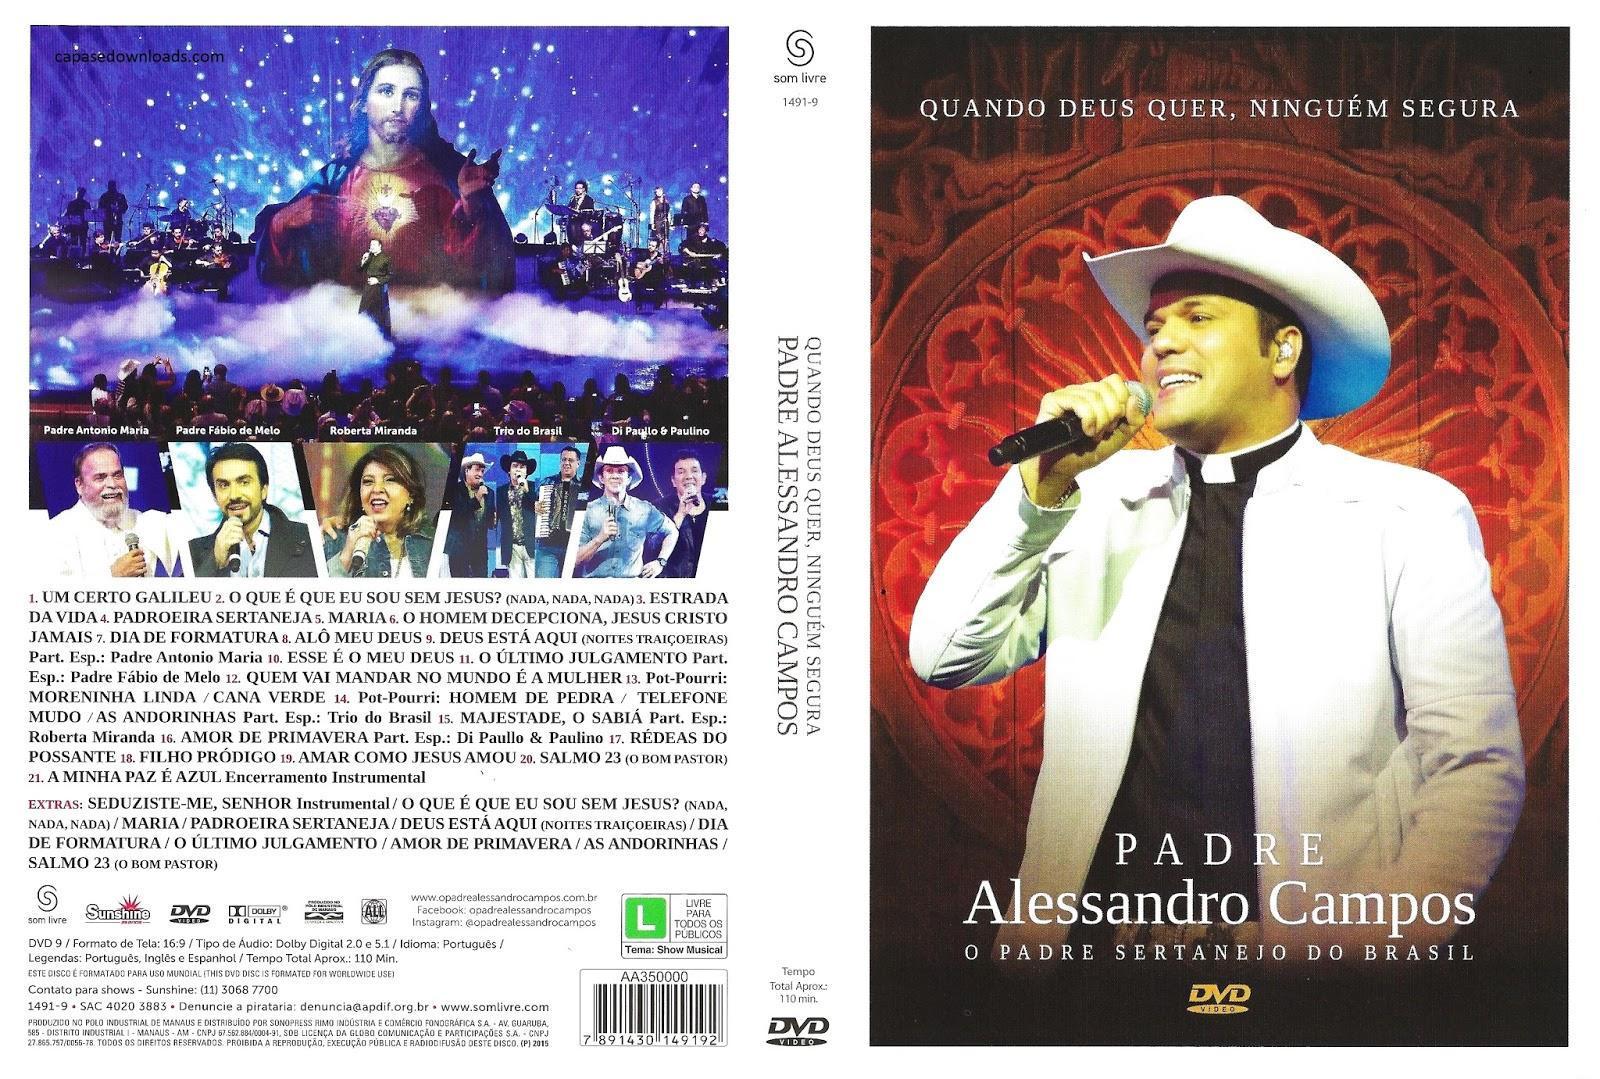 Padre Alessandro Campos Quando Deus Quer, Ninguém Segura Ao Vivo DVDRip 2015 padre